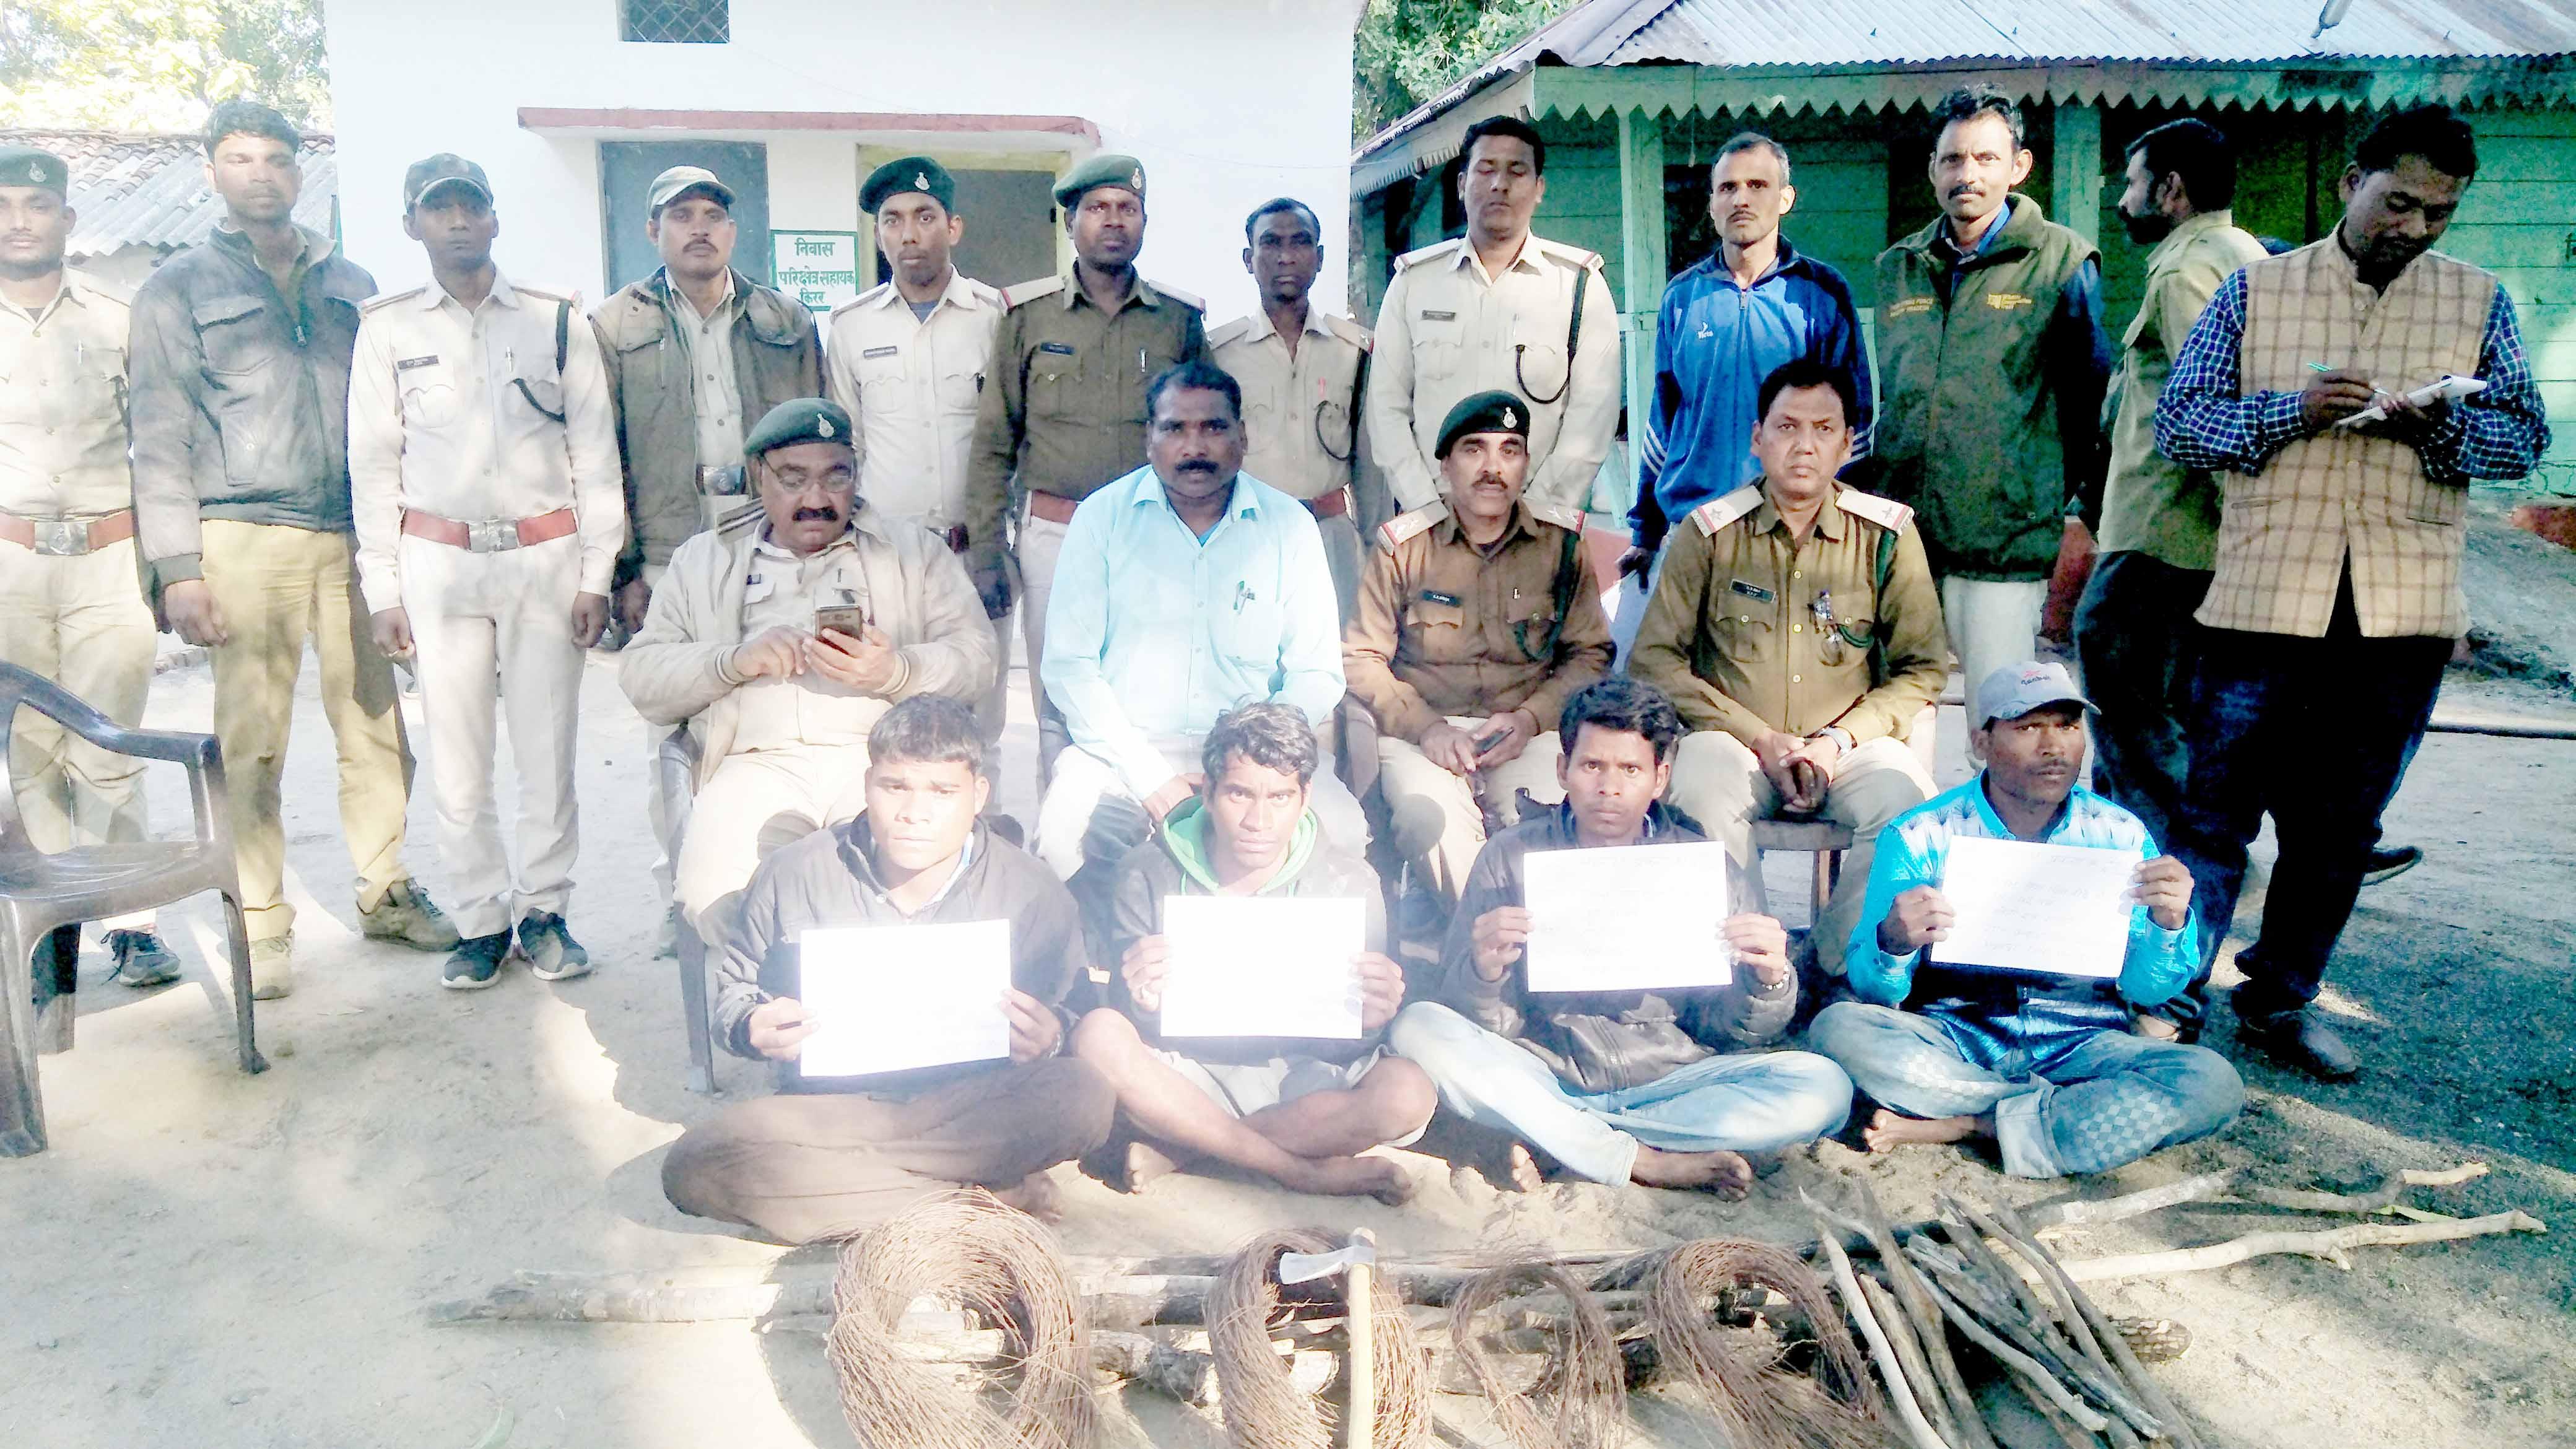 शिकारियों ने 11 केवी क्षमता वाली बिछाया करंट चपेट में आकर तेंदुआ की मौत, 4 शिकारी गिरफ्तार